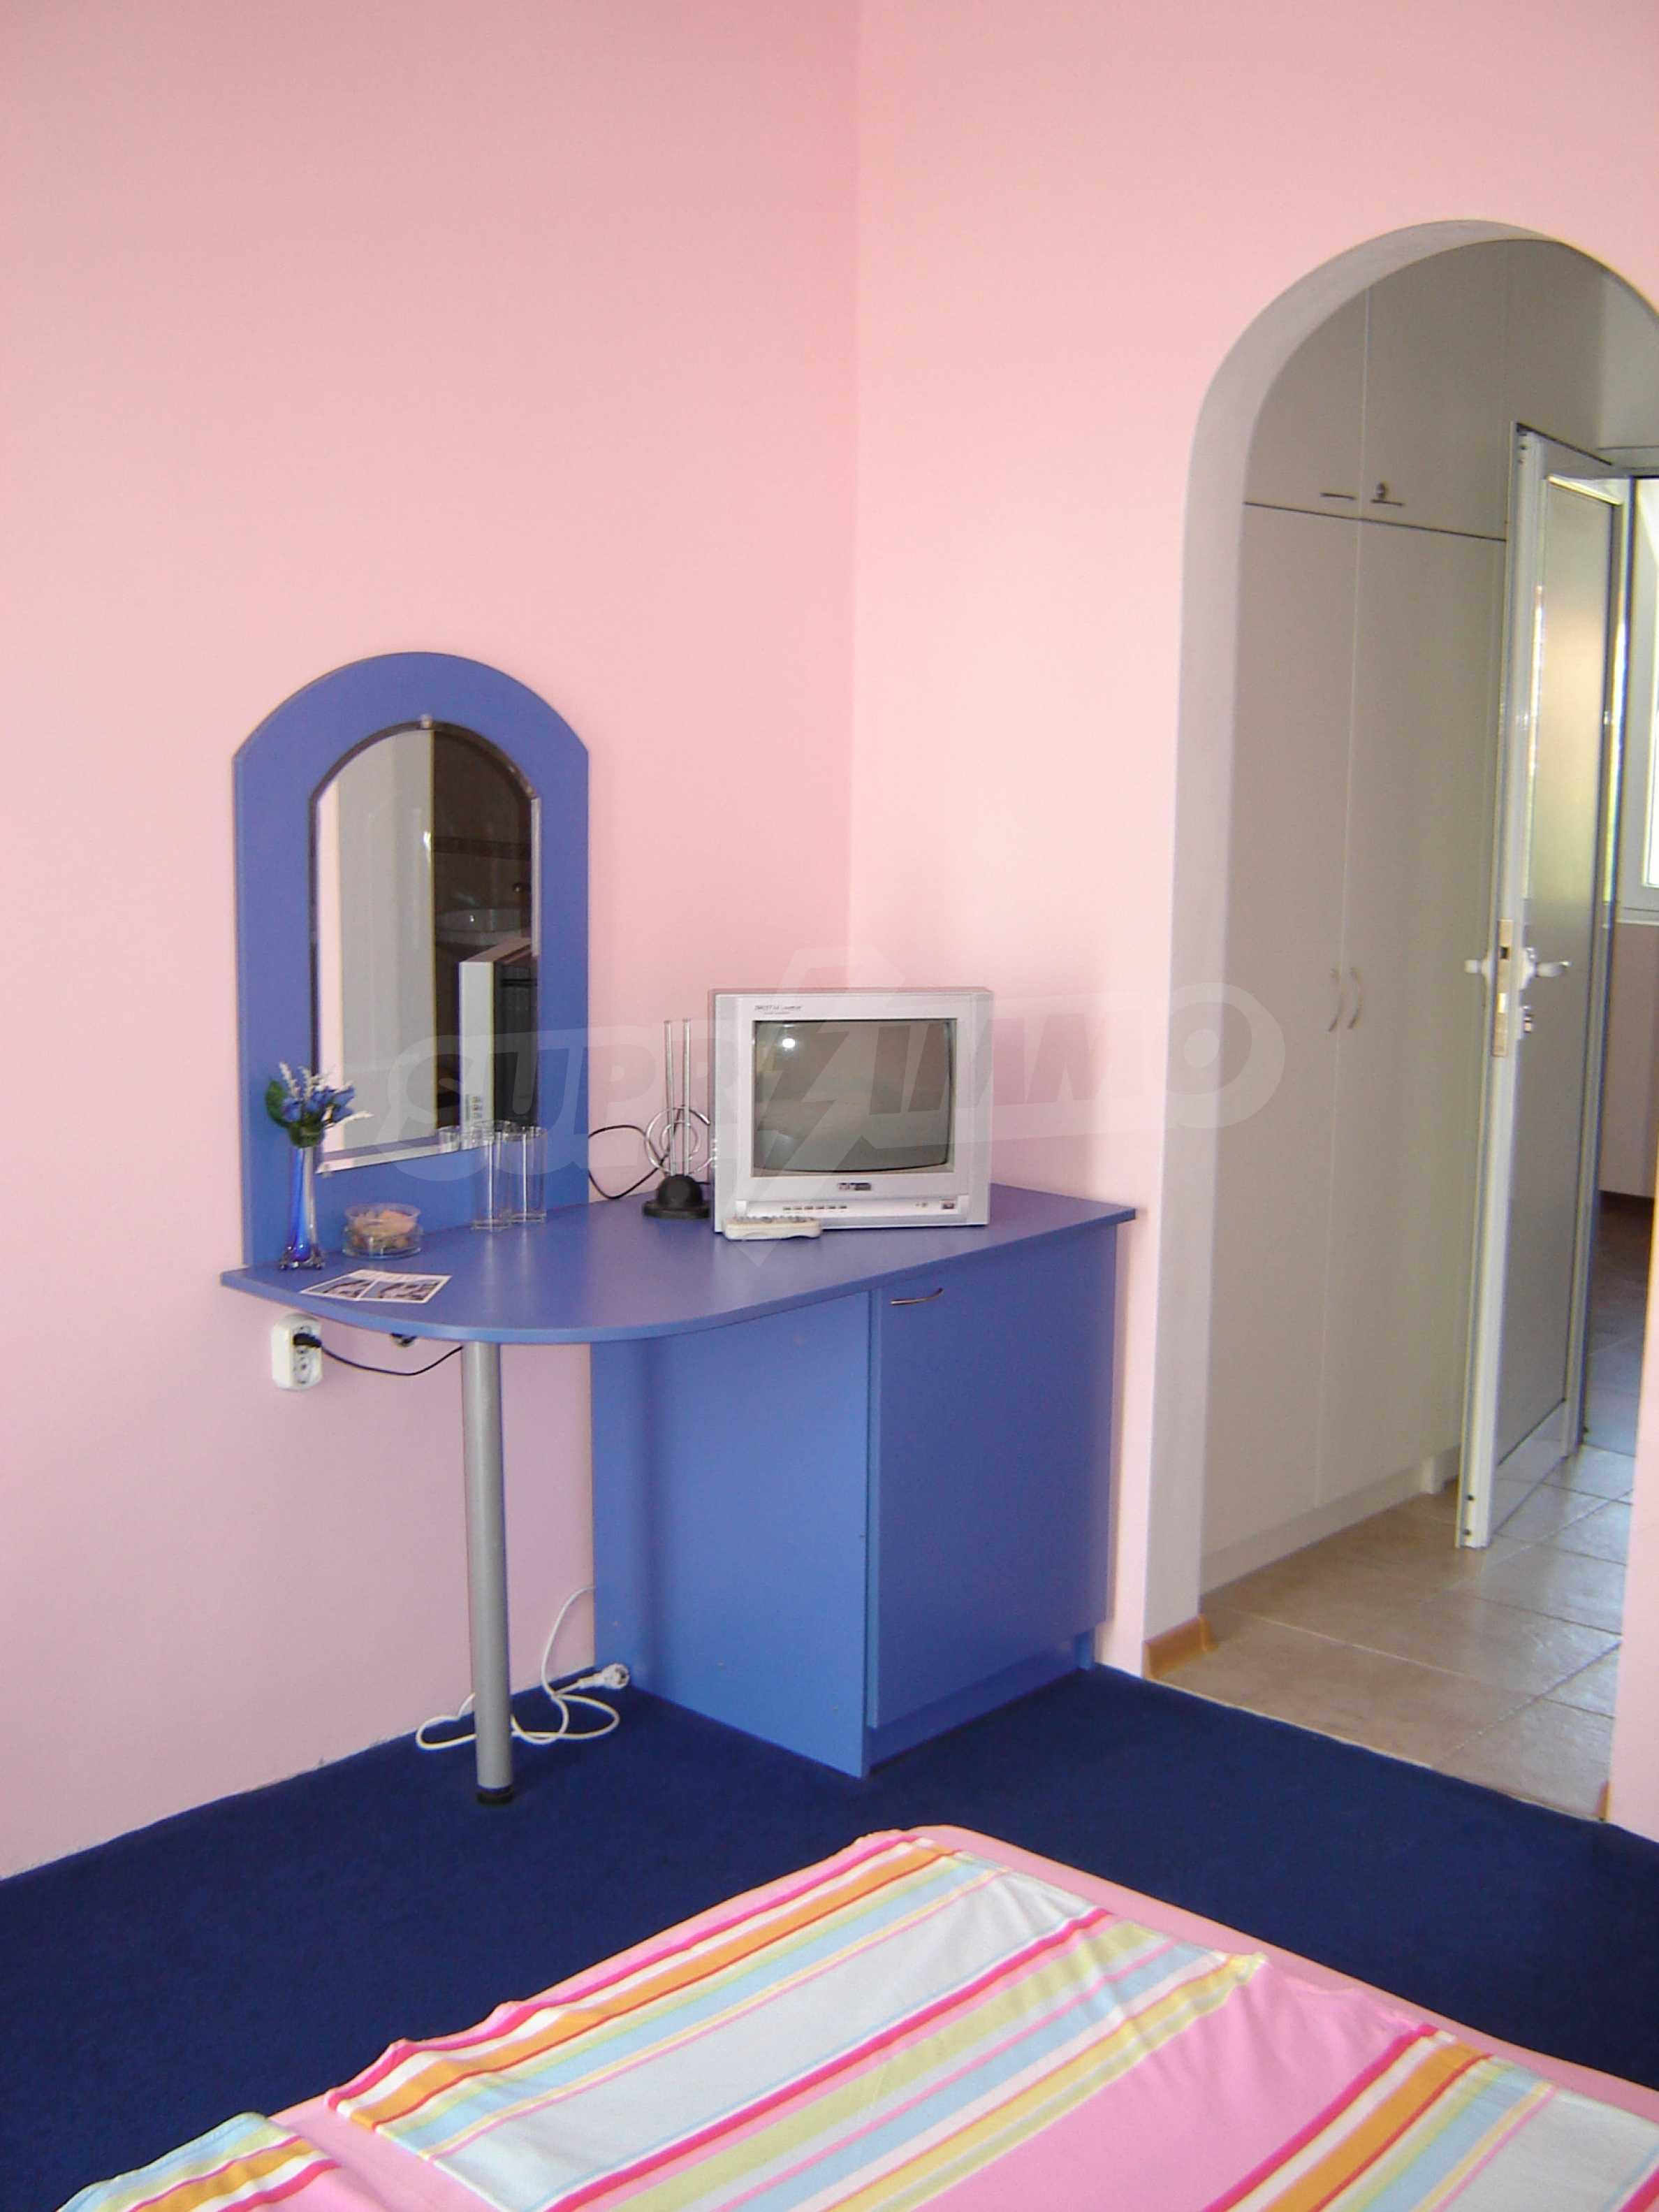 House of family hotel type for sale in Primorsko 14